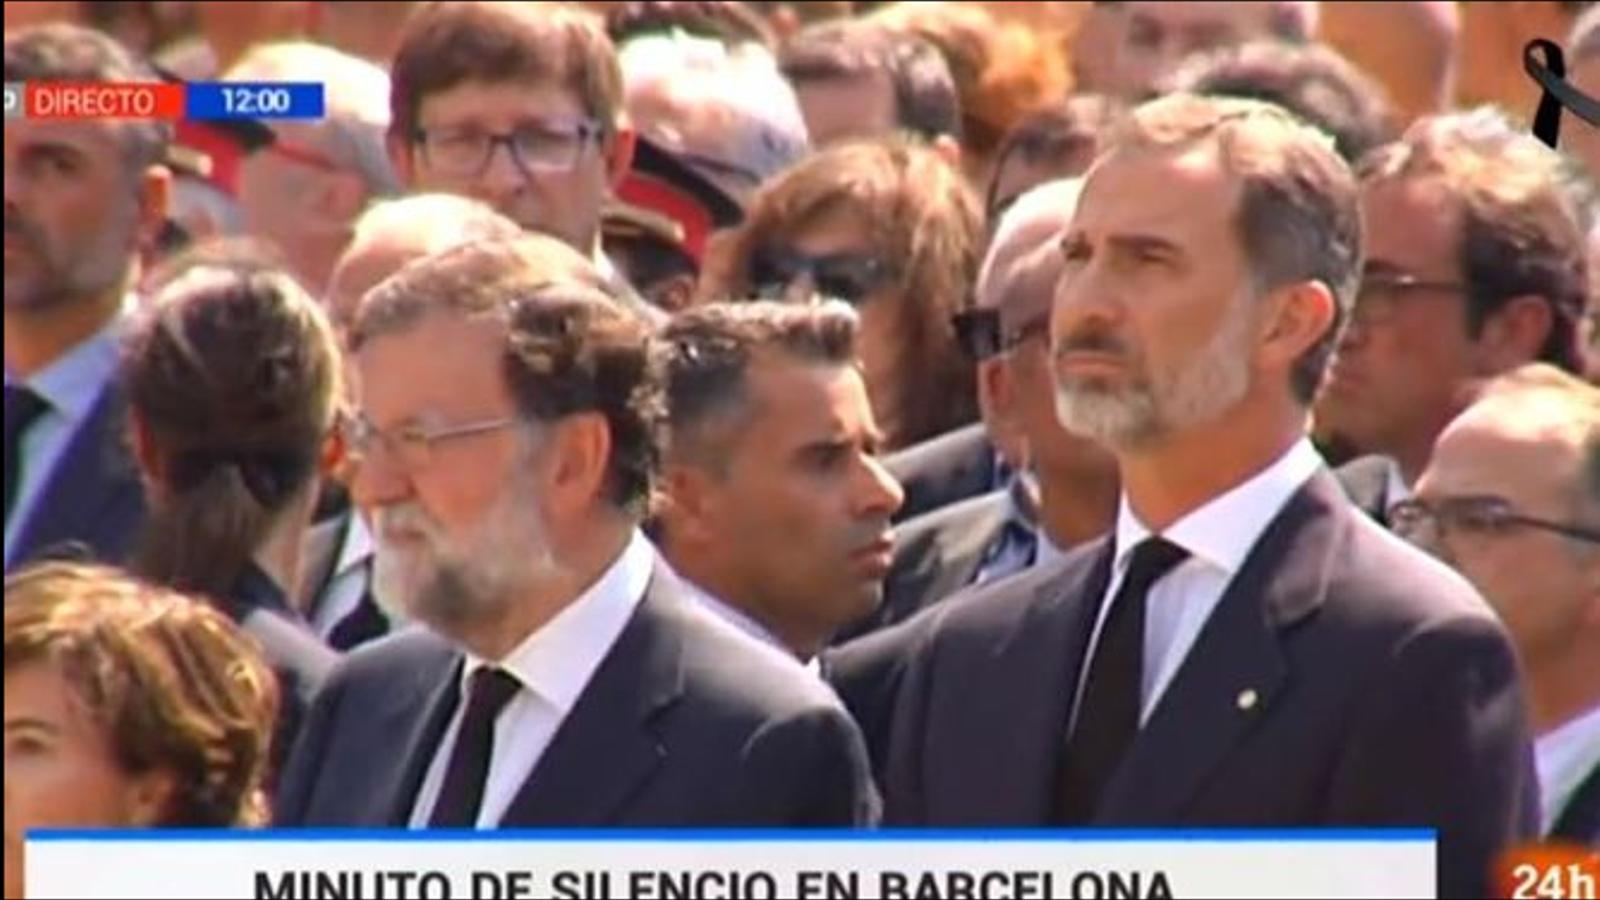 Minut de silenci pels atemptats de Barcelona, obviant la presència de Puigdemont i Colau